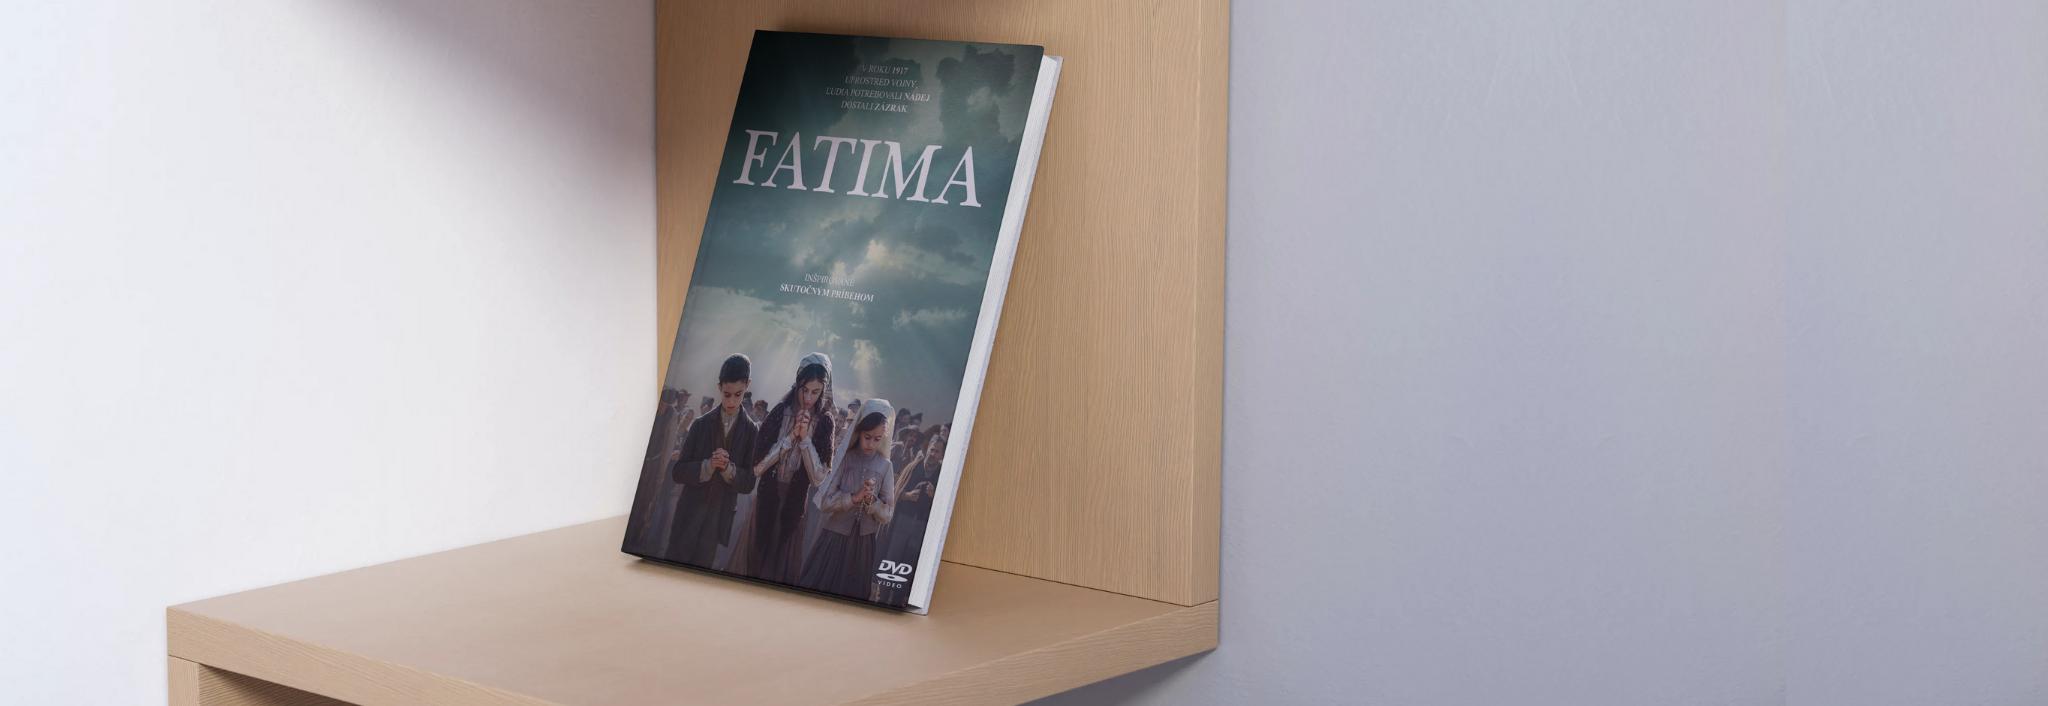 DVD Fatima